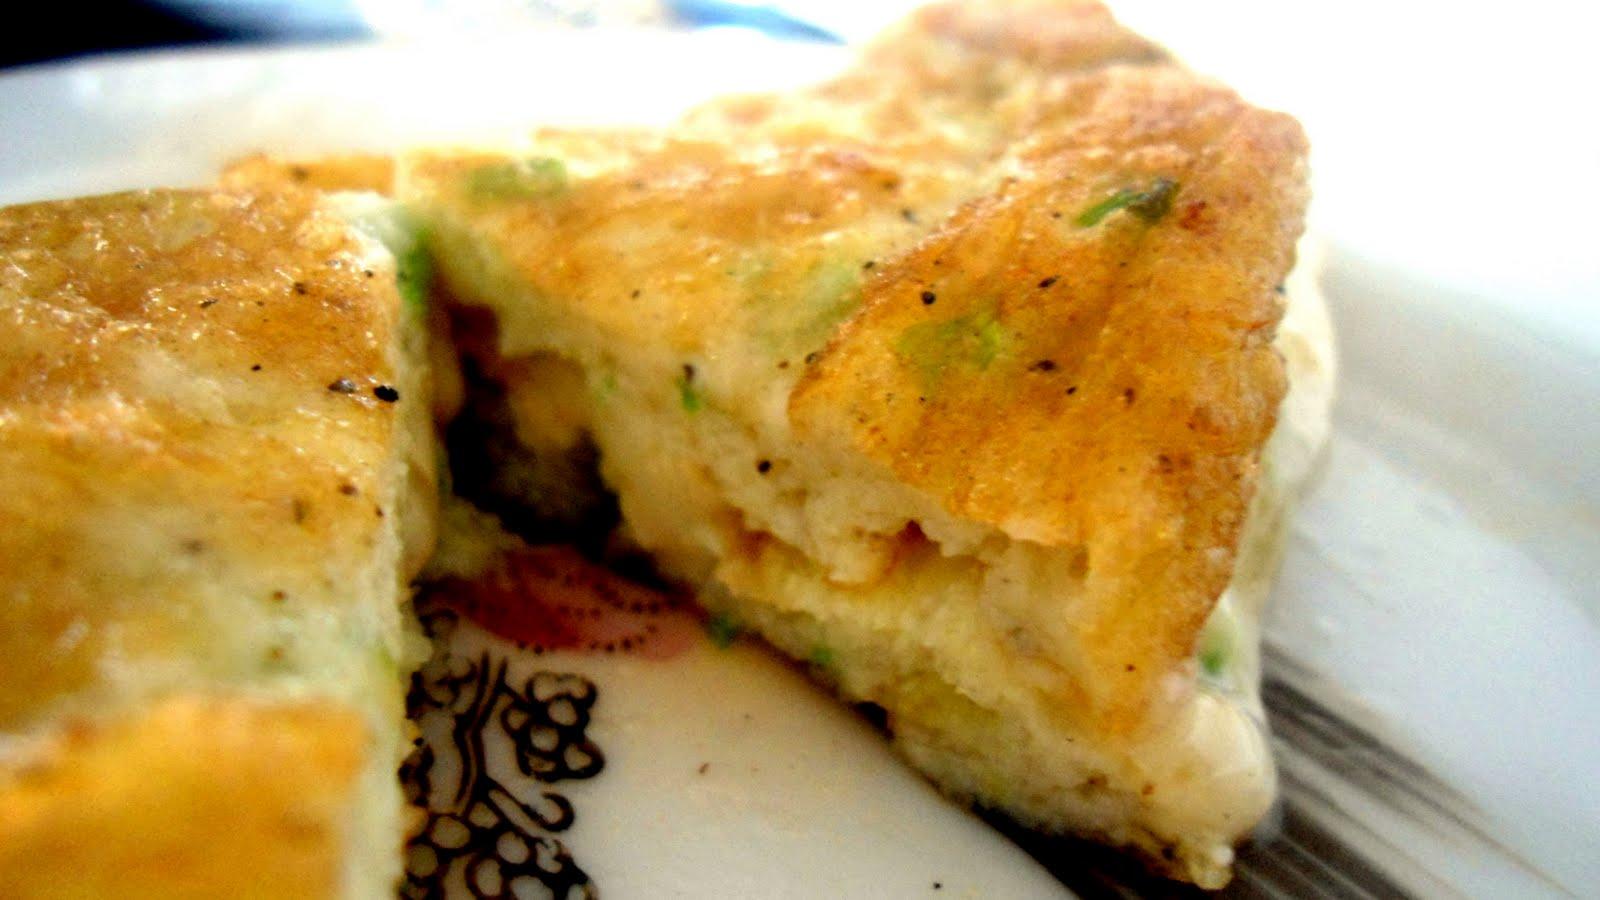 omelette edam souffle omelette souffle omelette souffle omelette